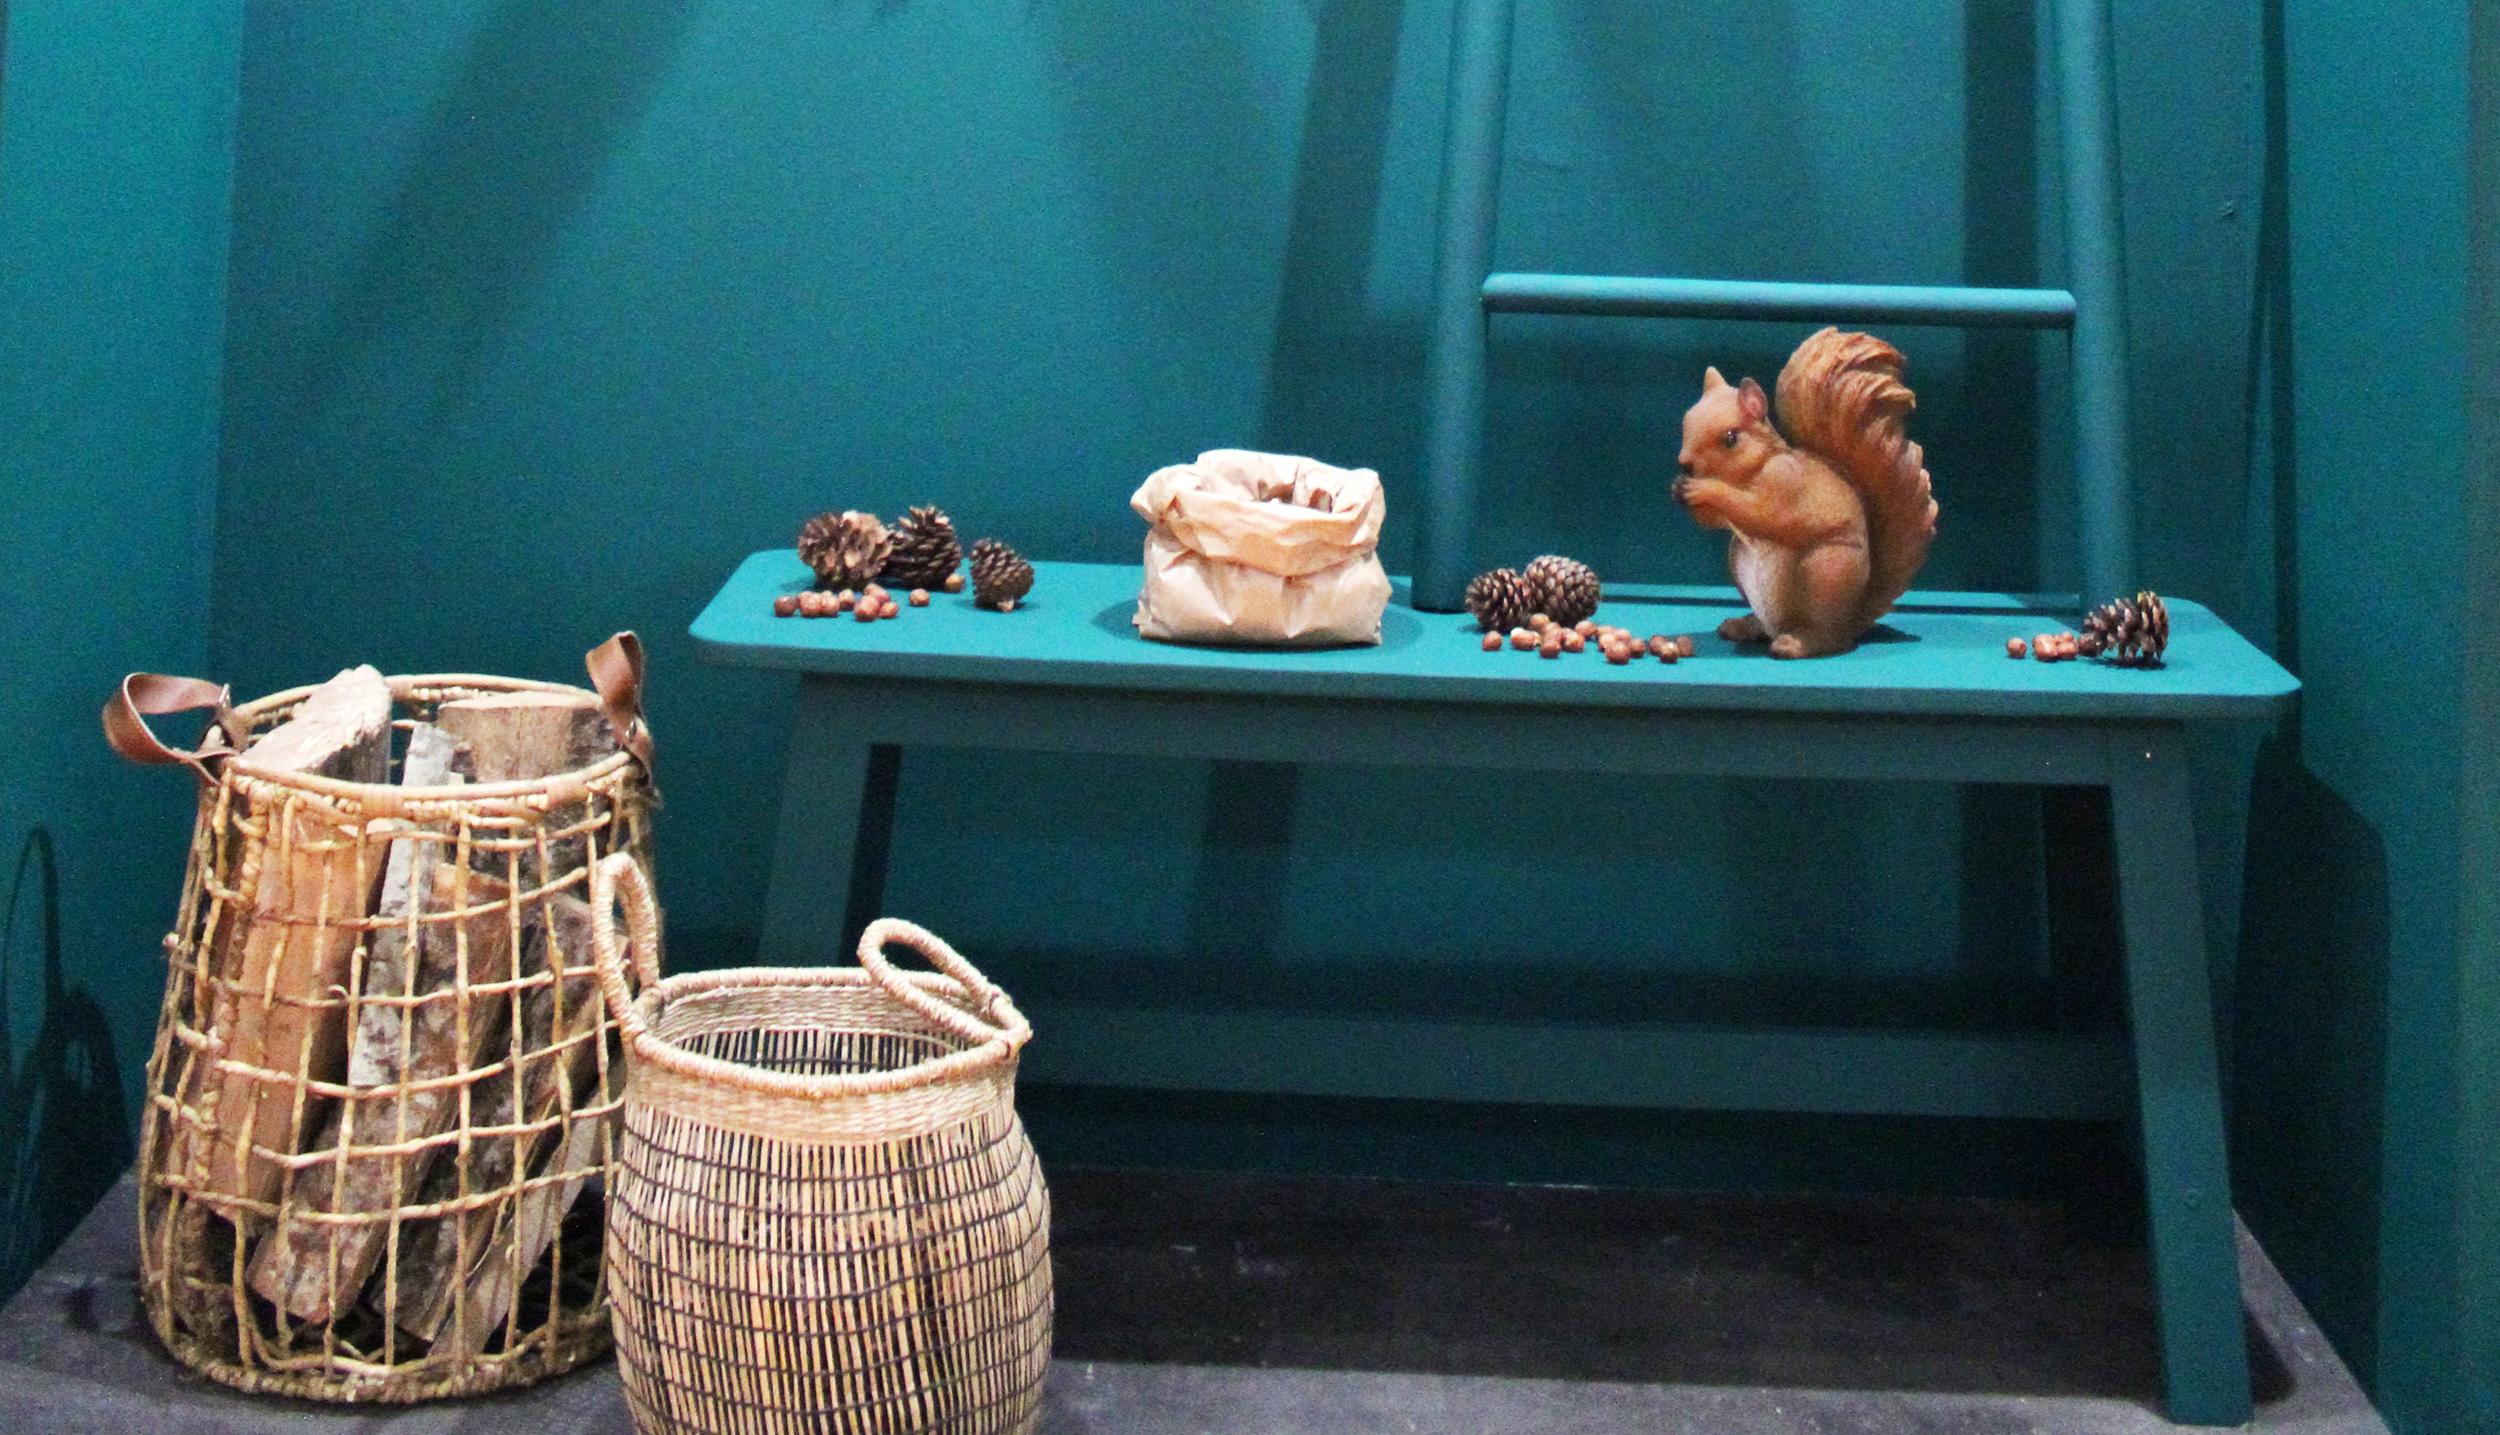 Sur un fond peint en bleu vif, un petit écureuil et de sobjets en raohia sont disposés - espace Virtuous Nelly Rodi - Maiosn & Objet 2018